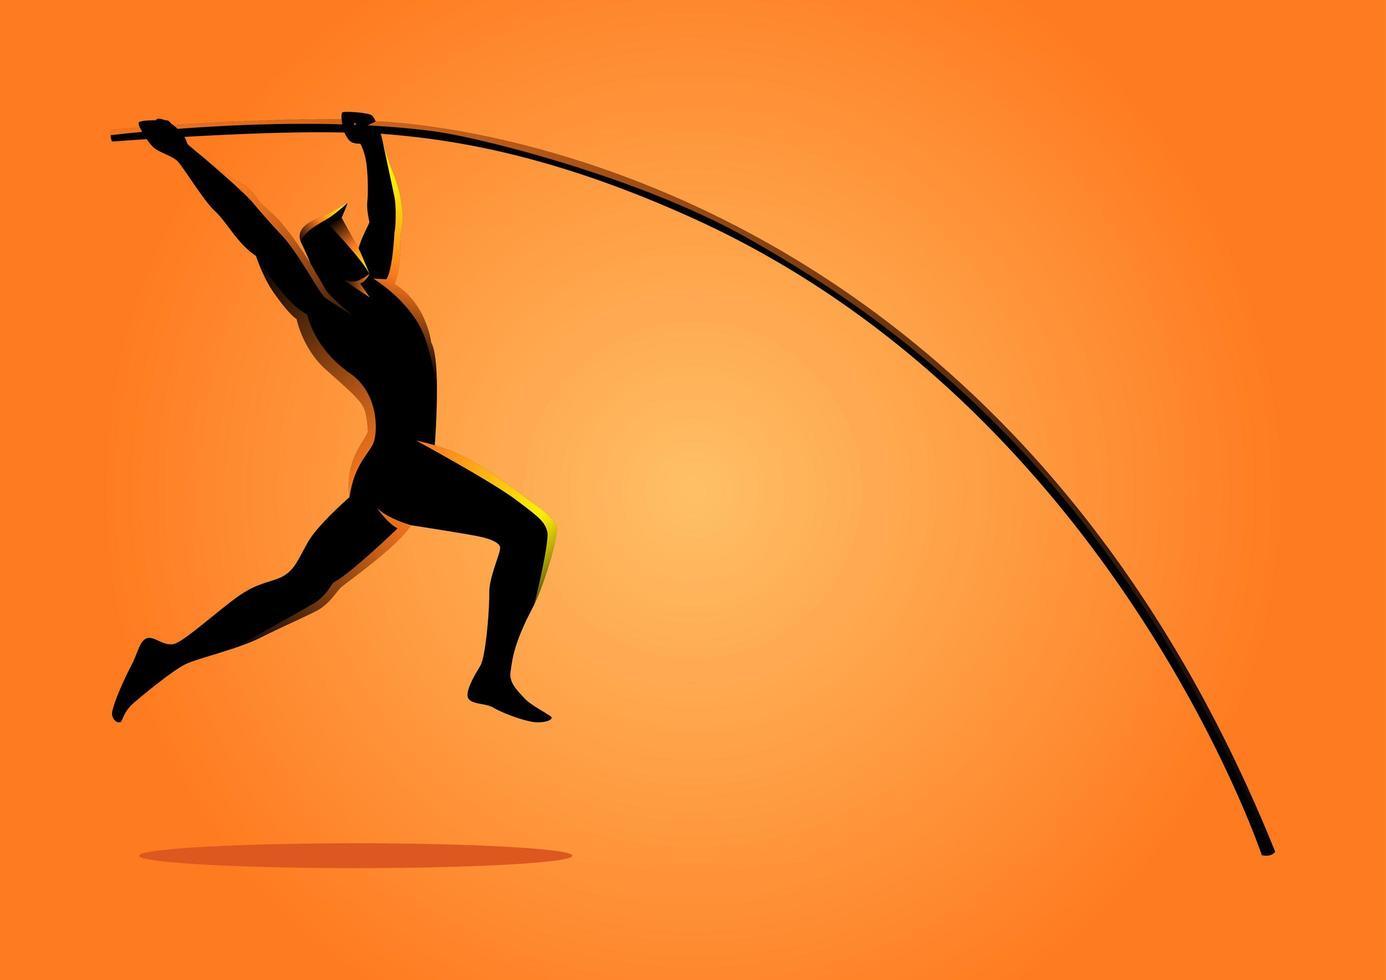 sport silhouet polsstokhoogspringer vector